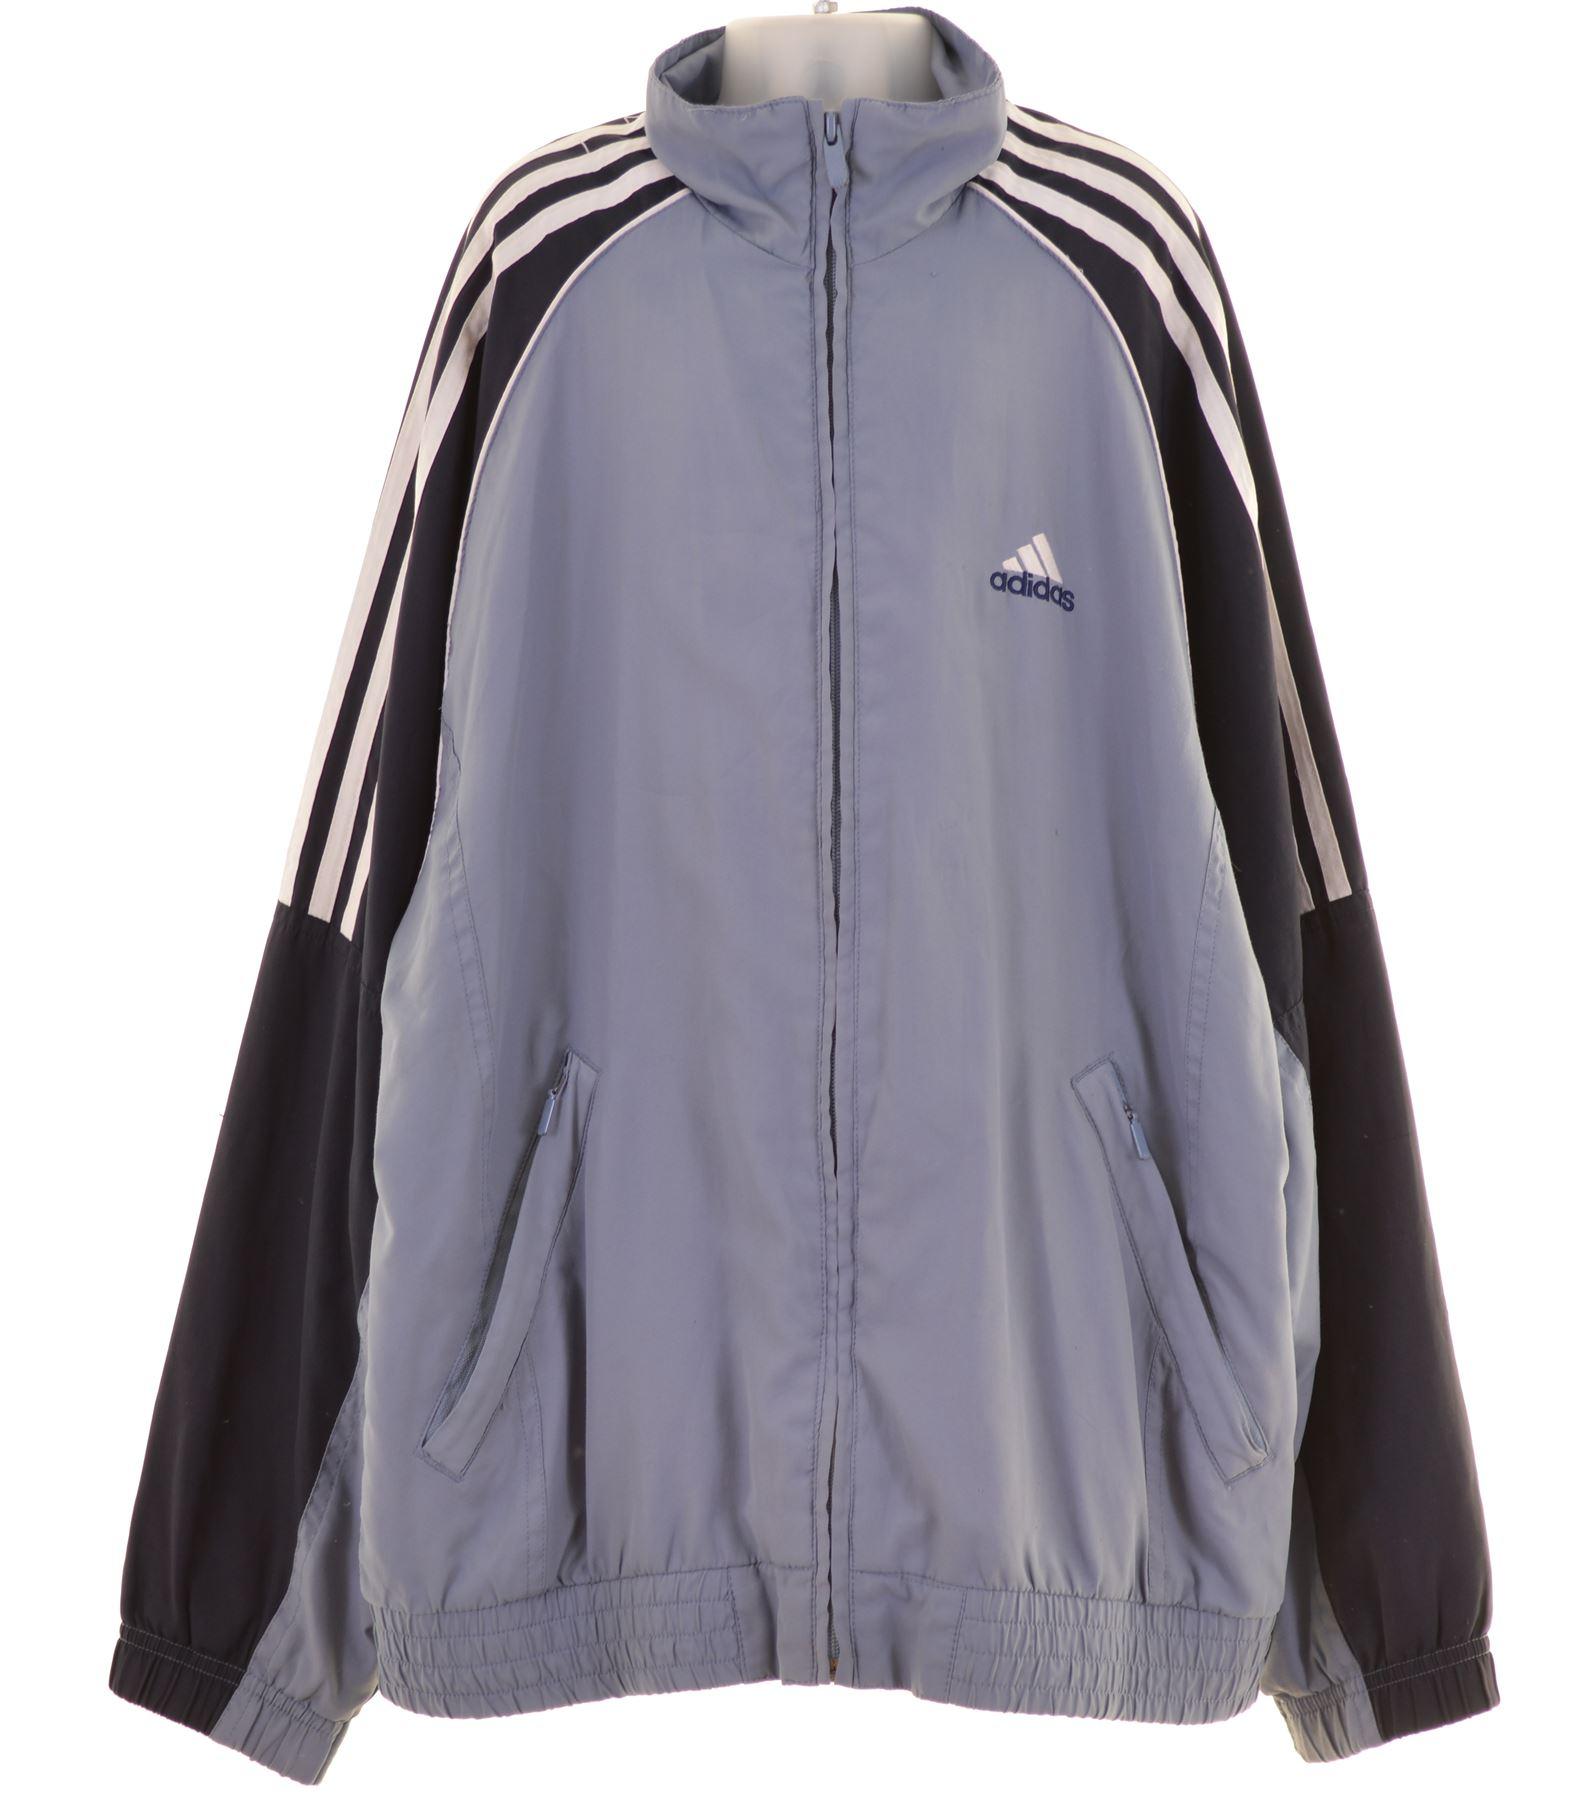 Détails sur Adidas Garçons Survêtement Haut Veste 13 14 ans polyester bleu MV36 afficher le titre d'origine